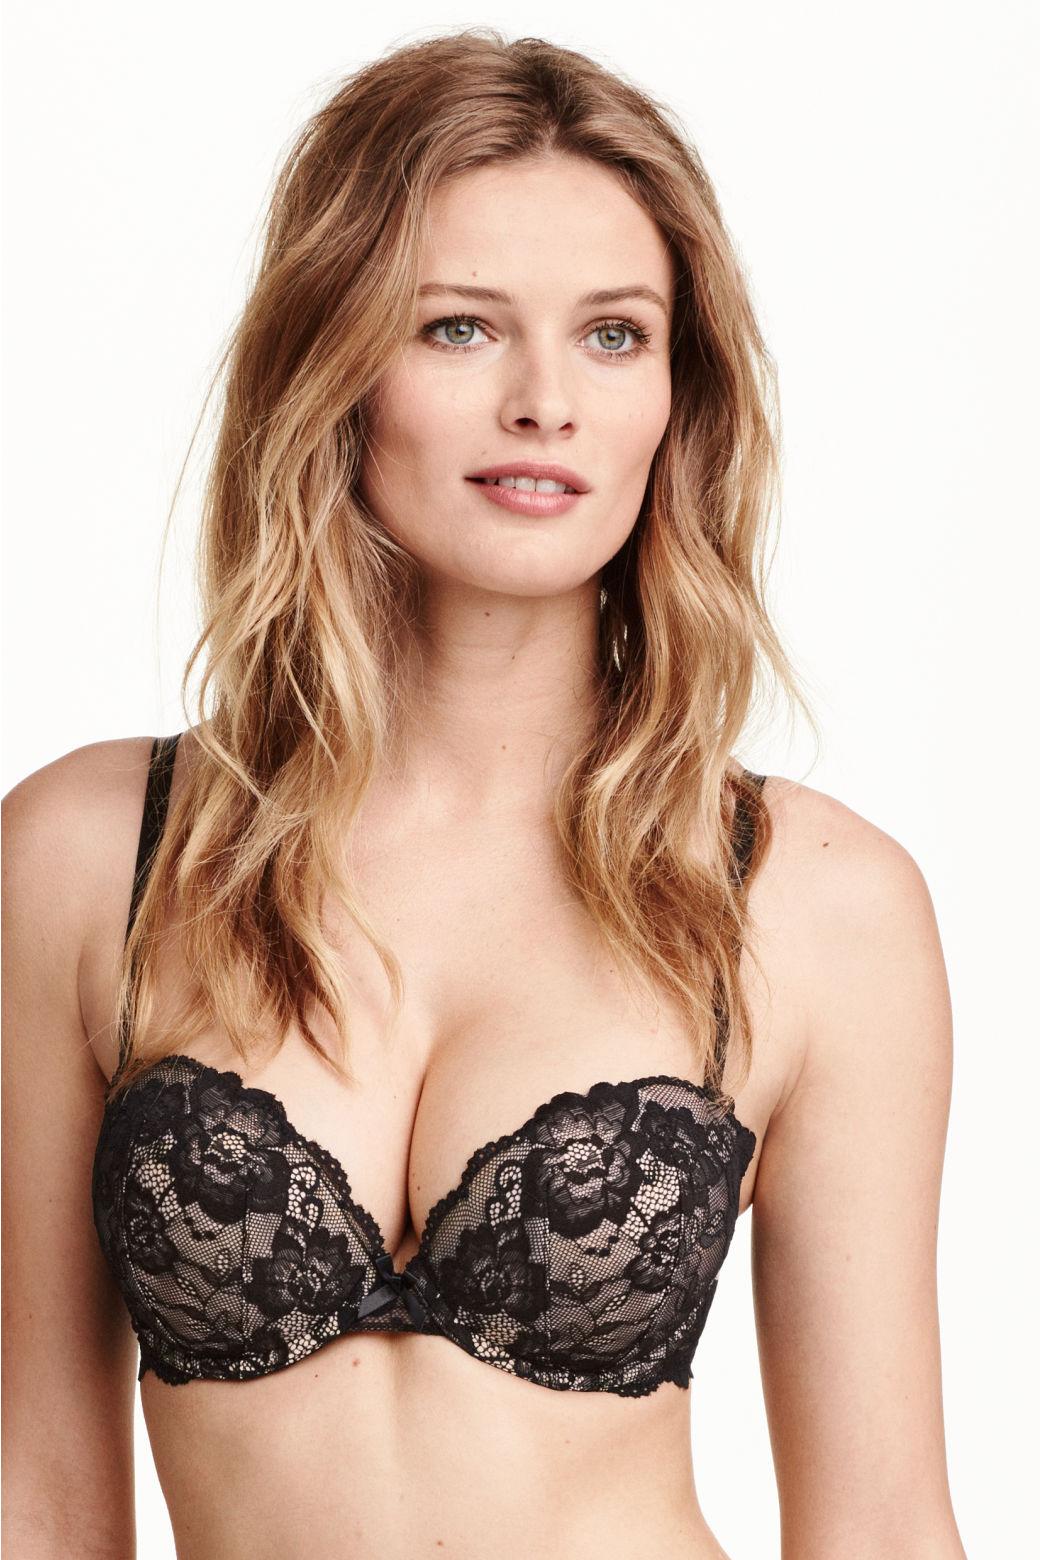 Votre soutien -gorge PUSH UP Fitness! Avec une conception respirante et confortable. Il est idéal pour les séances de sport! Disponible en Noir, Bleu, Vert, Chair, Rose, Chair, Violet, Gris Caractéristiques: Soutien-gorge adhésif ultra léger et confortable Bonnets souples avec adhésif en silicone Taille S, M, L.